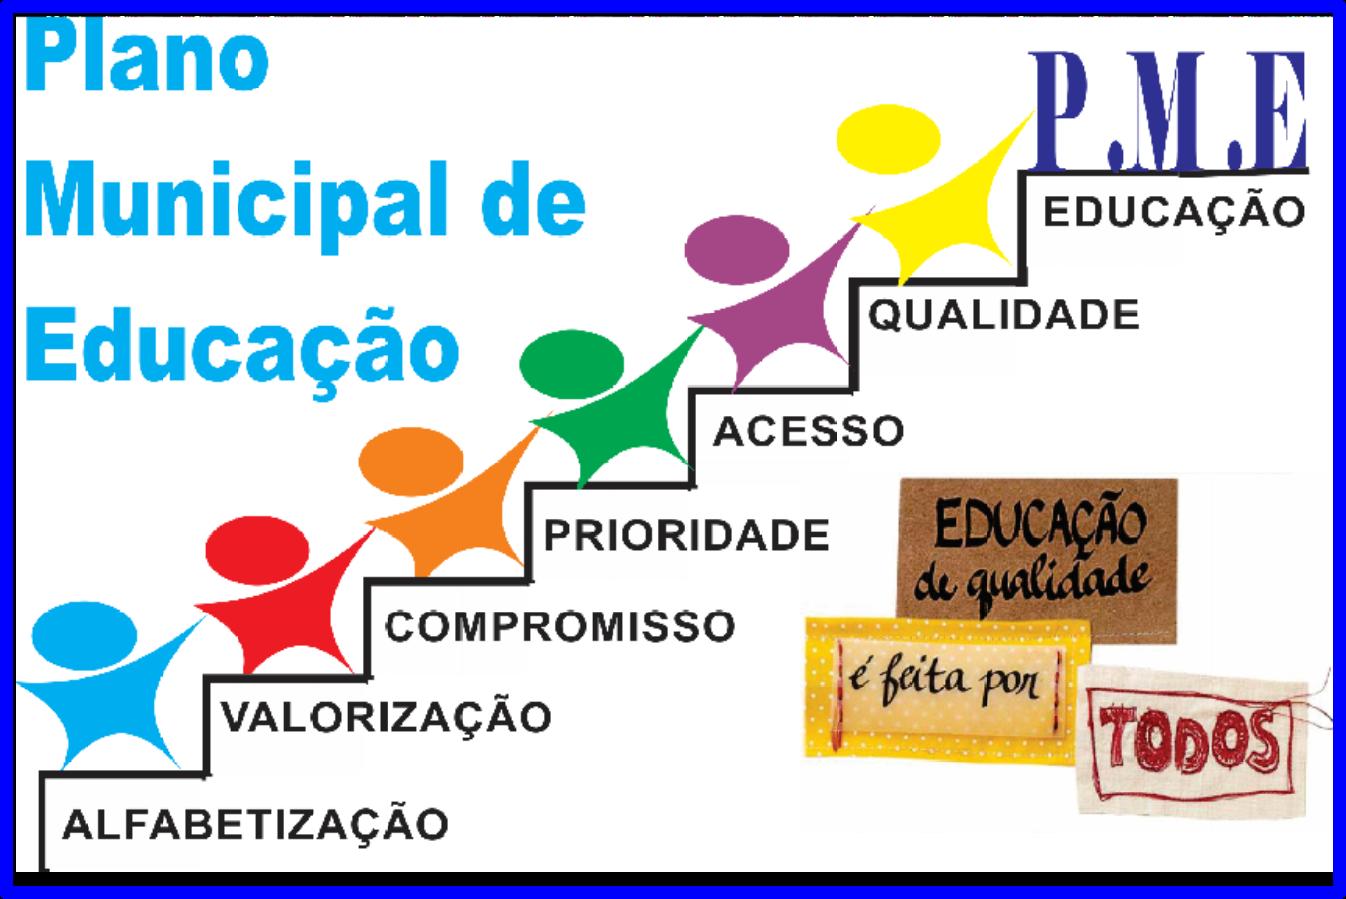 PLANO MUNICIPAL DE EDUCAÇÃO - 2015-2024 - ITAGUAÍ